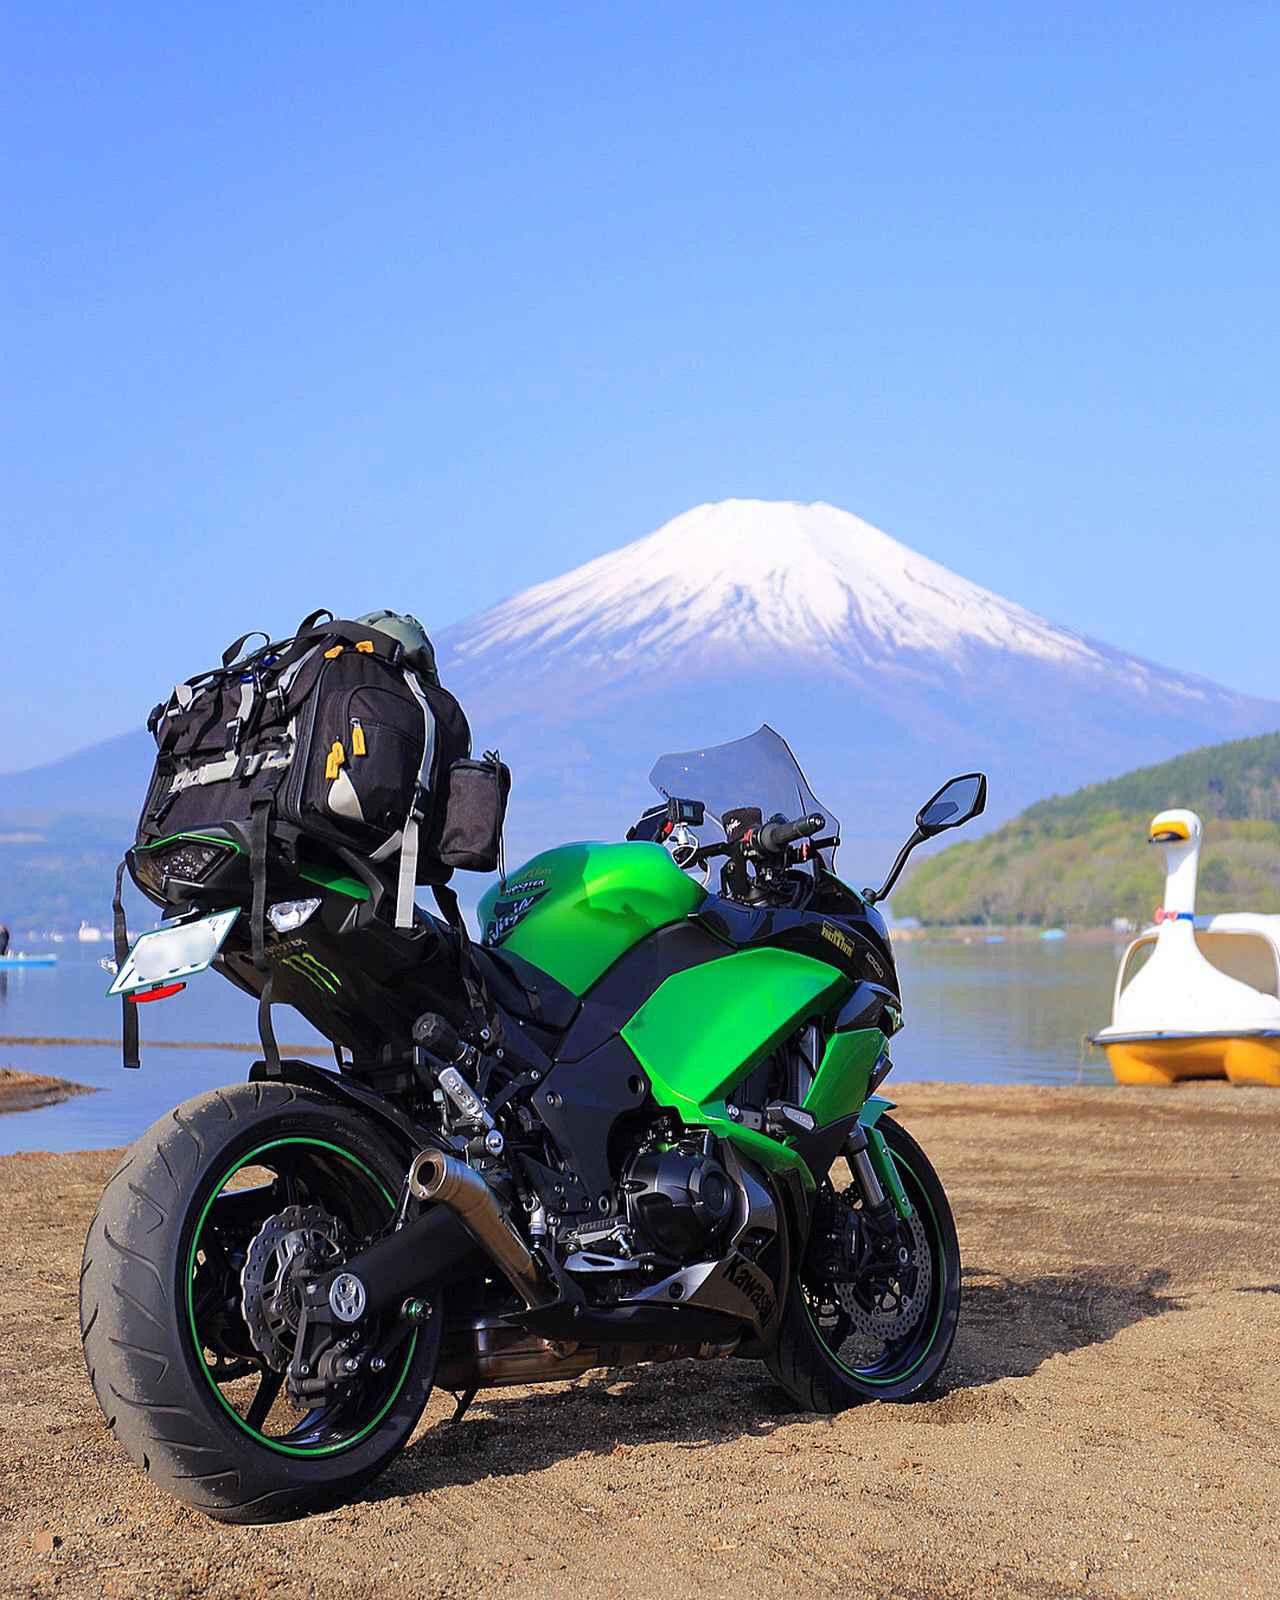 """画像1: namiken on Instagram: """"@take33gsxer タケさん @kami_0107 カミさんから受け取った、 #お尻バトン 提出でーす‼️ いつもありがとうございます~ 最近忙しいので手軽なバトン生活送っています(笑) バトンは置いておきますね~ . #チームアラフォーアラフィフ #ninja…"""" www.instagram.com"""